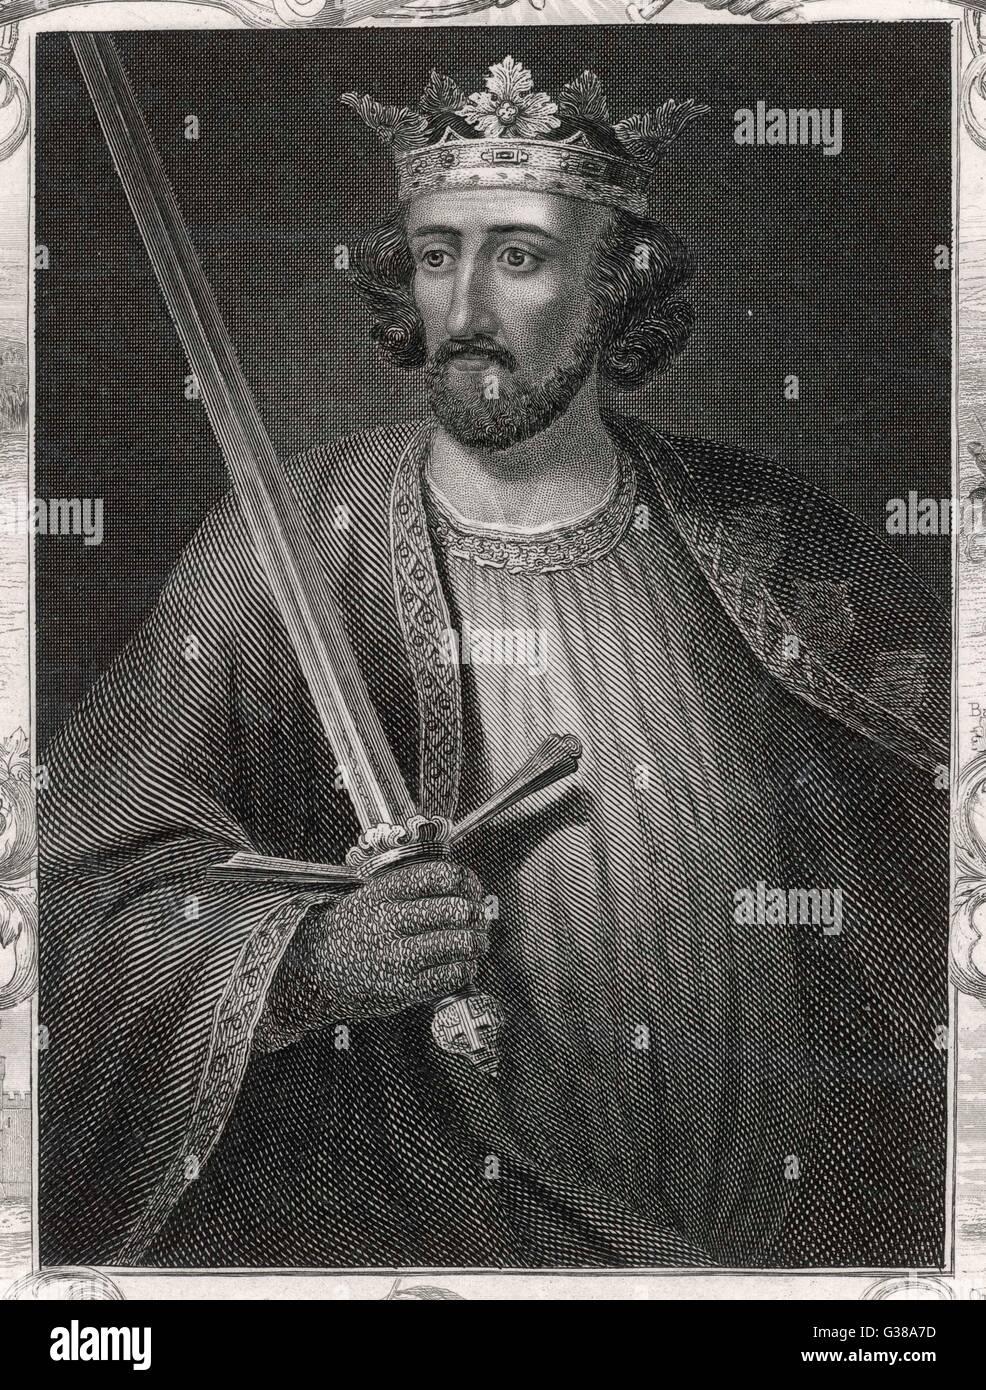 El rey Eduardo I representado sosteniendo una espada borde decorativo que muestra los eventos de su reinado Fecha: 1239 - 1307 Foto de stock